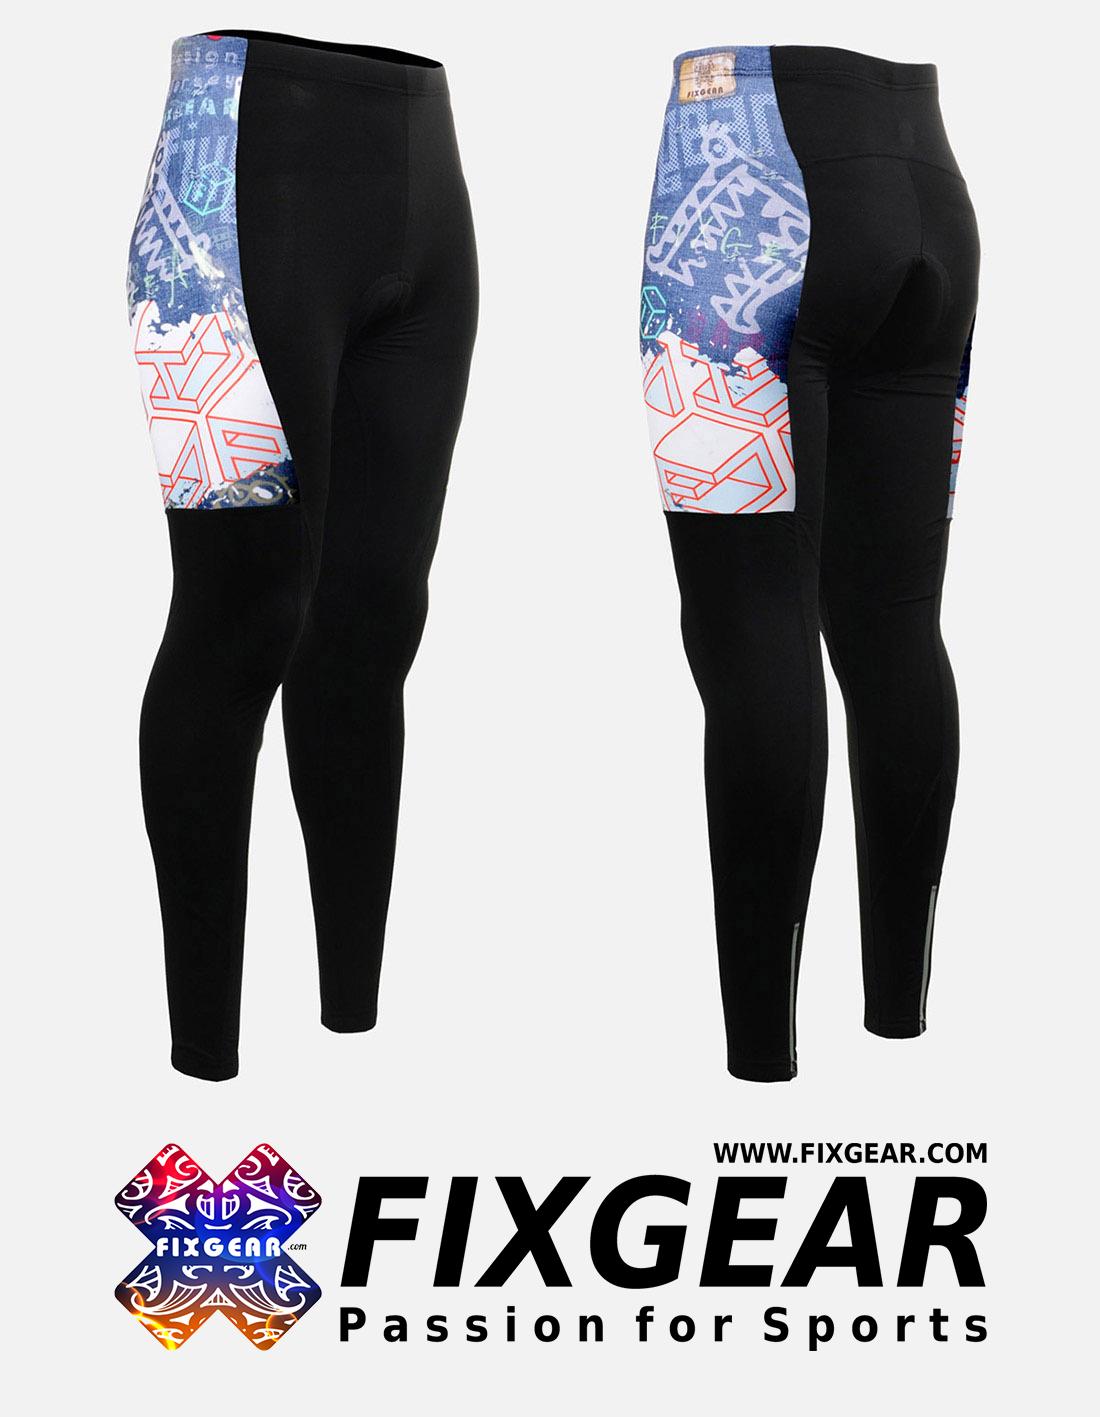 FIXGEAR LT-W15 Women's Cycling Padded Long Pants